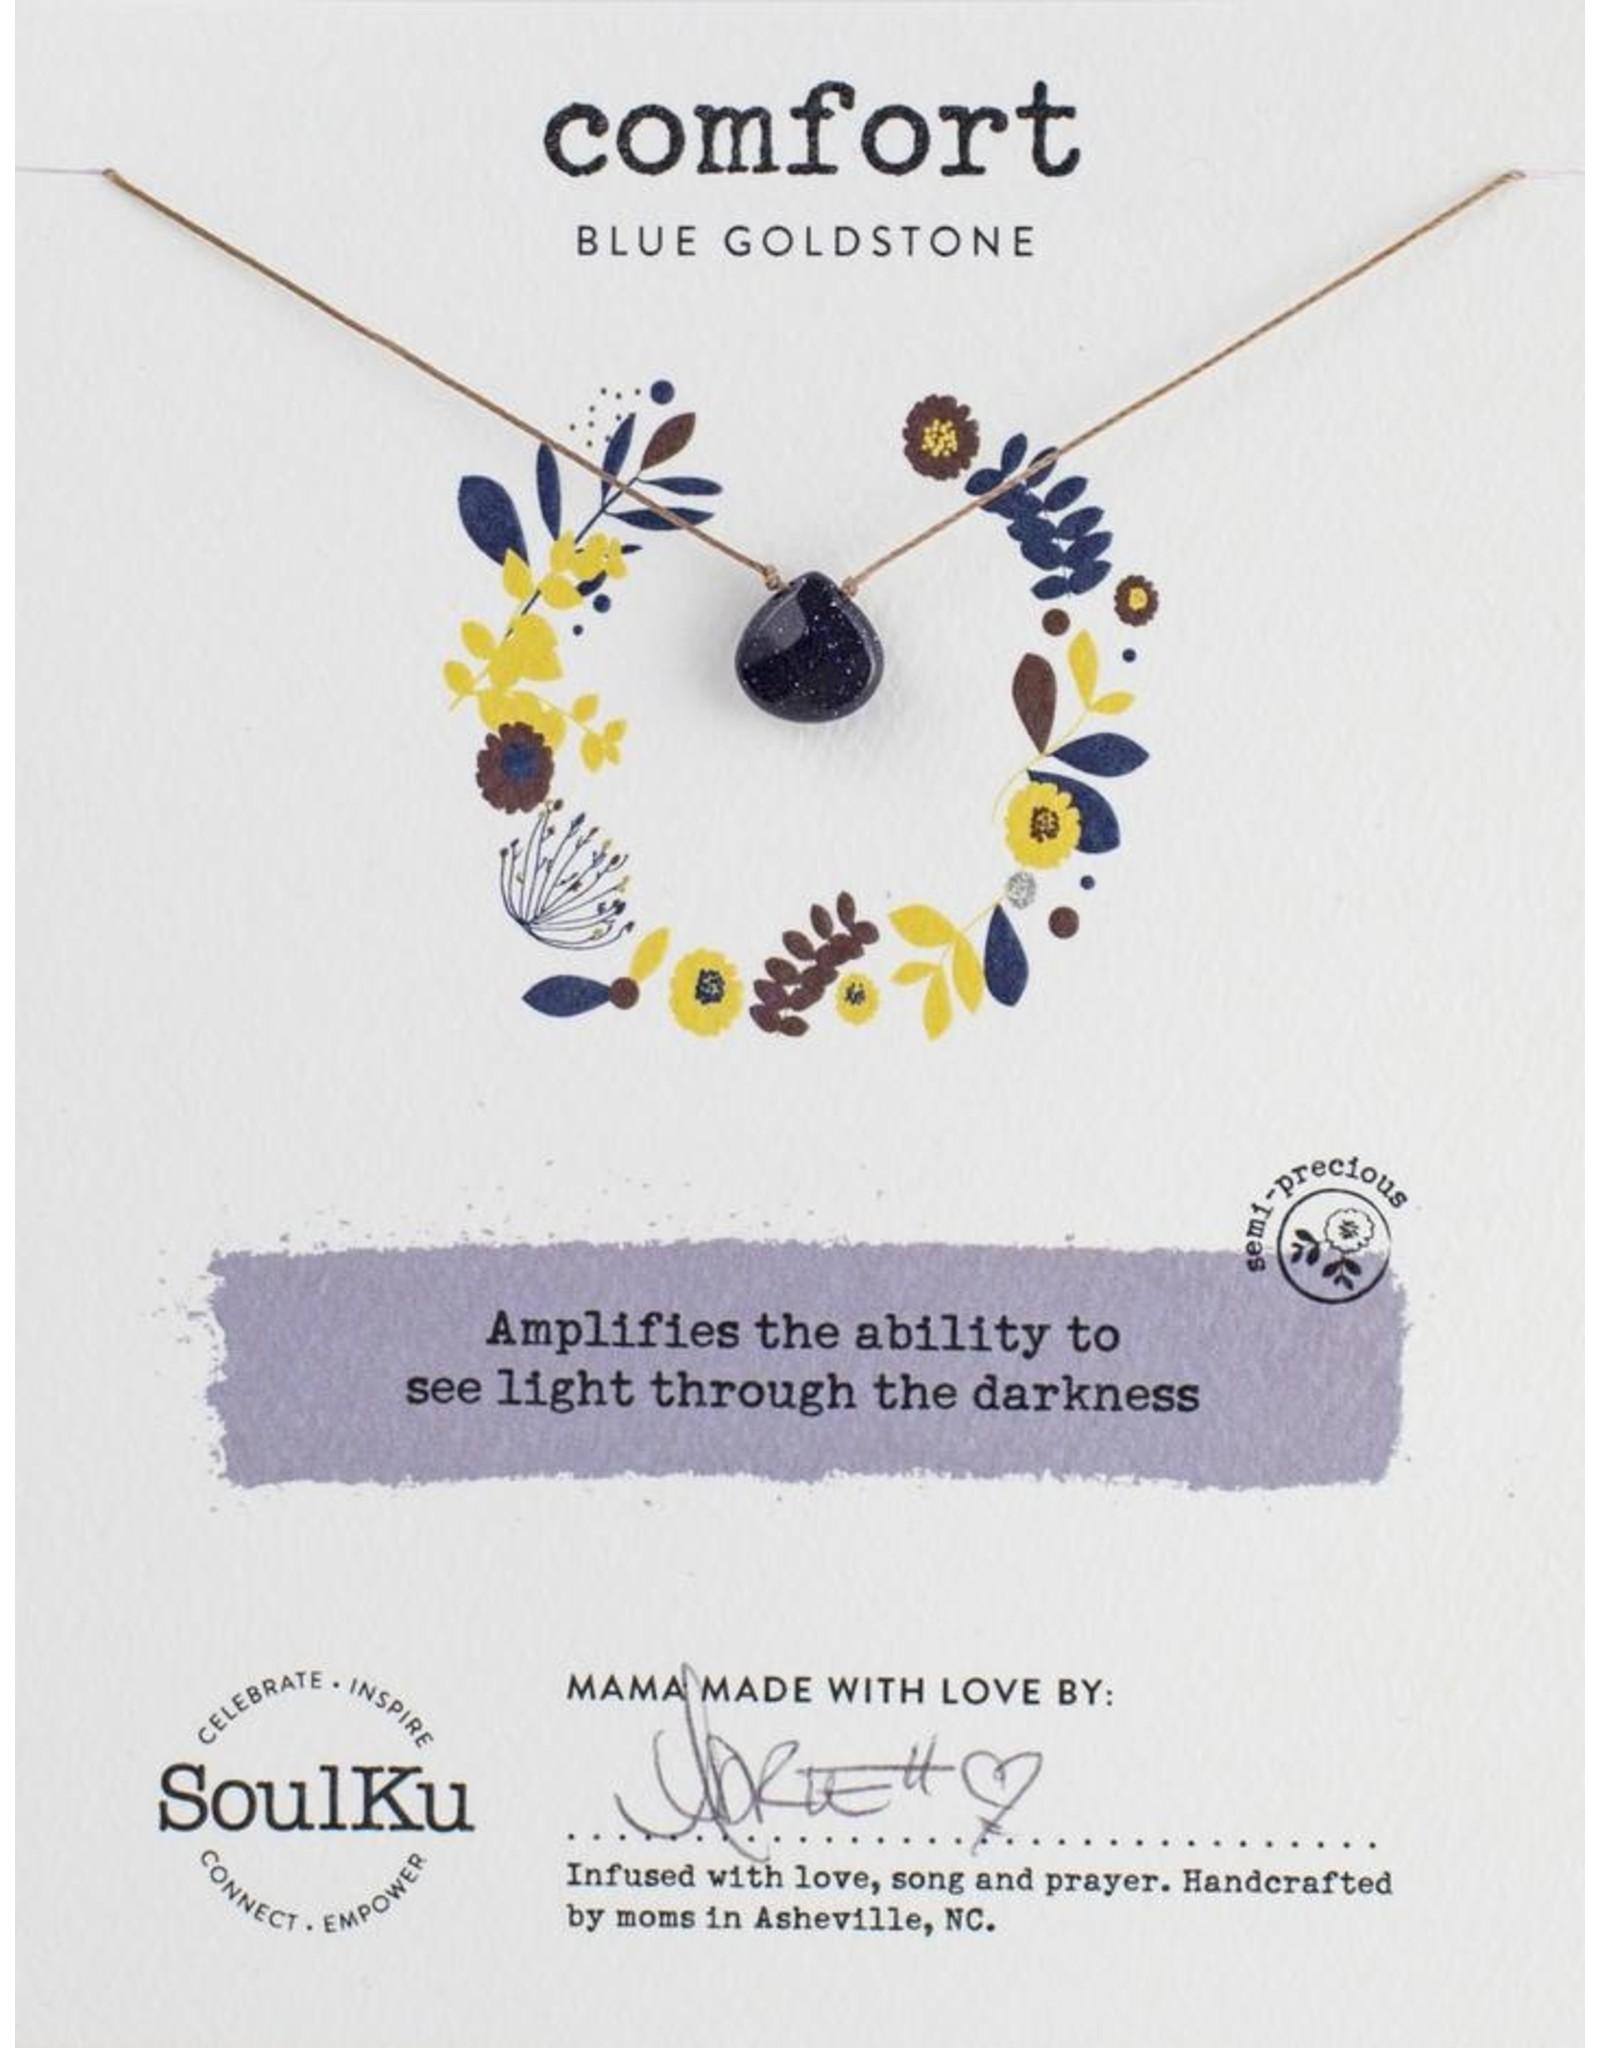 Blue Goldstone/Sandstone Teardrop Necklace for Comfort-SoulKu